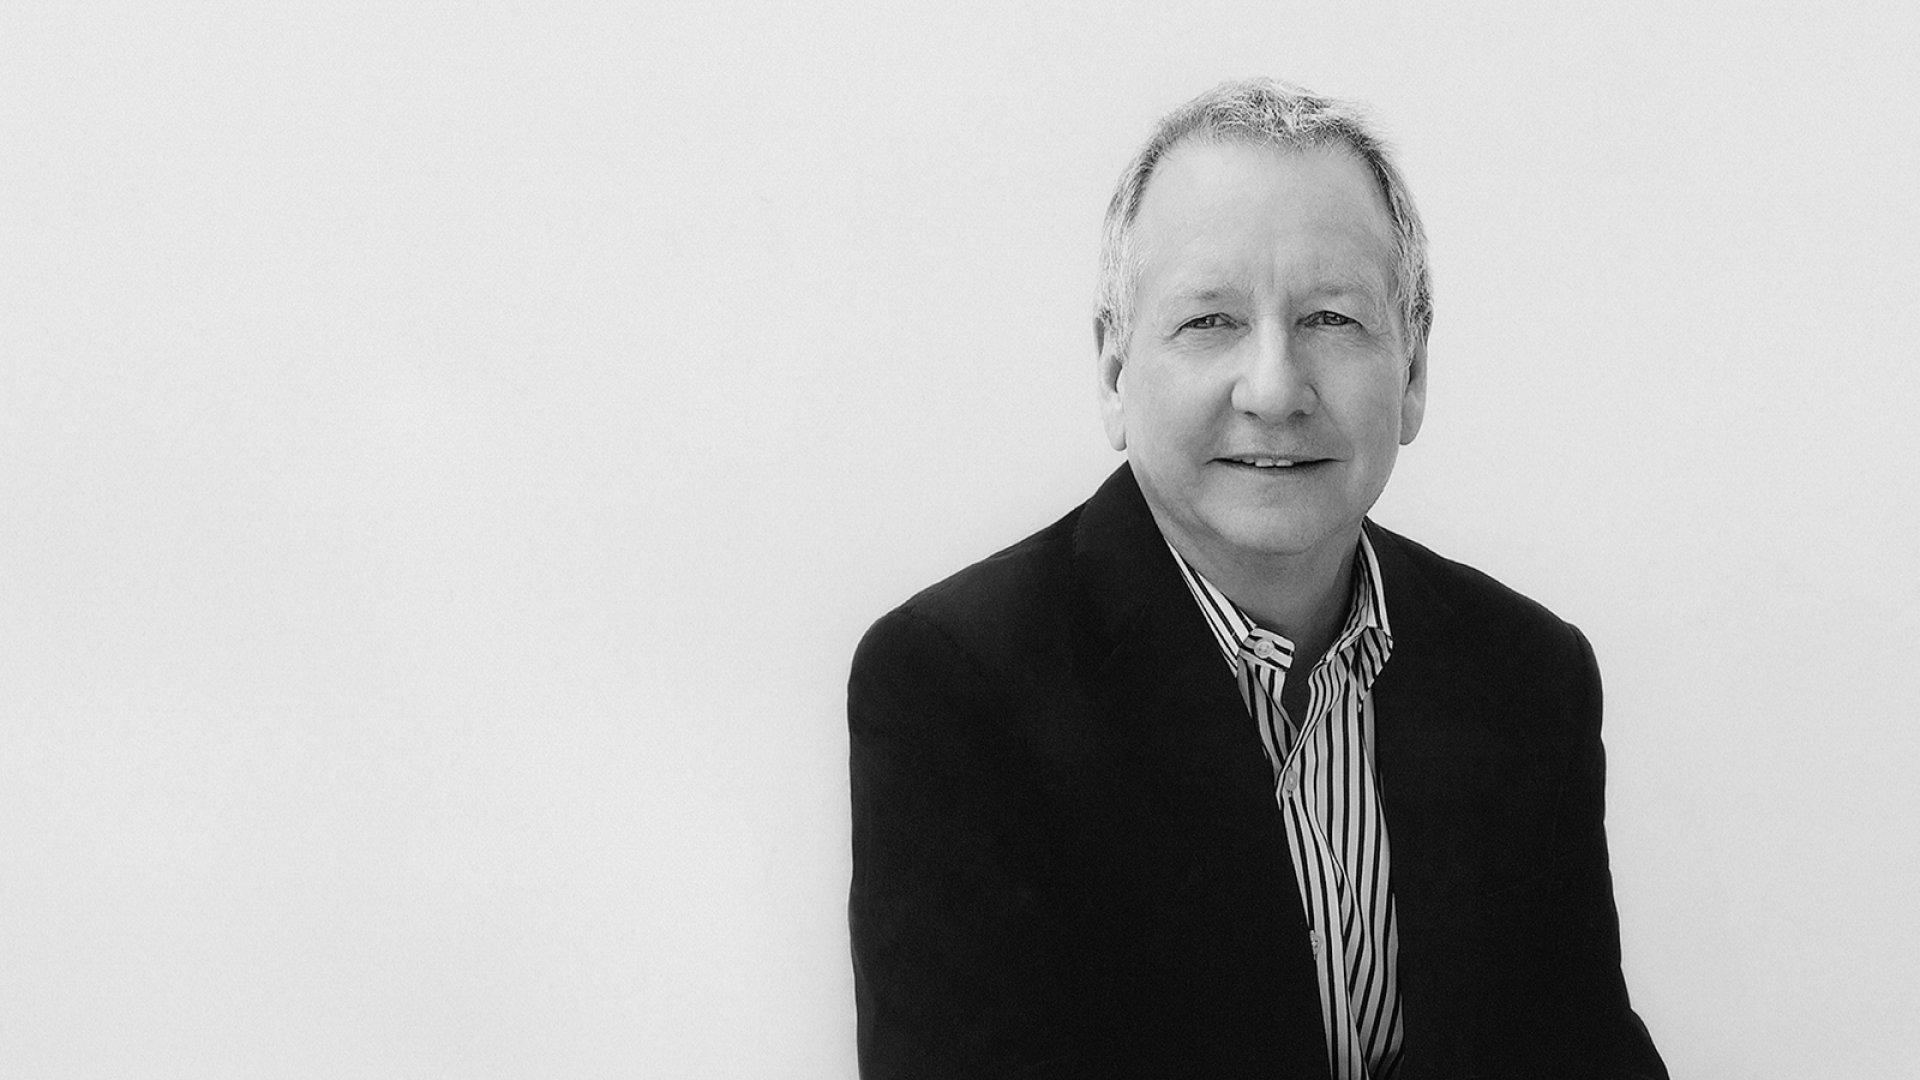 Ogilvy Worldwide CEO and chairman John Seifert.